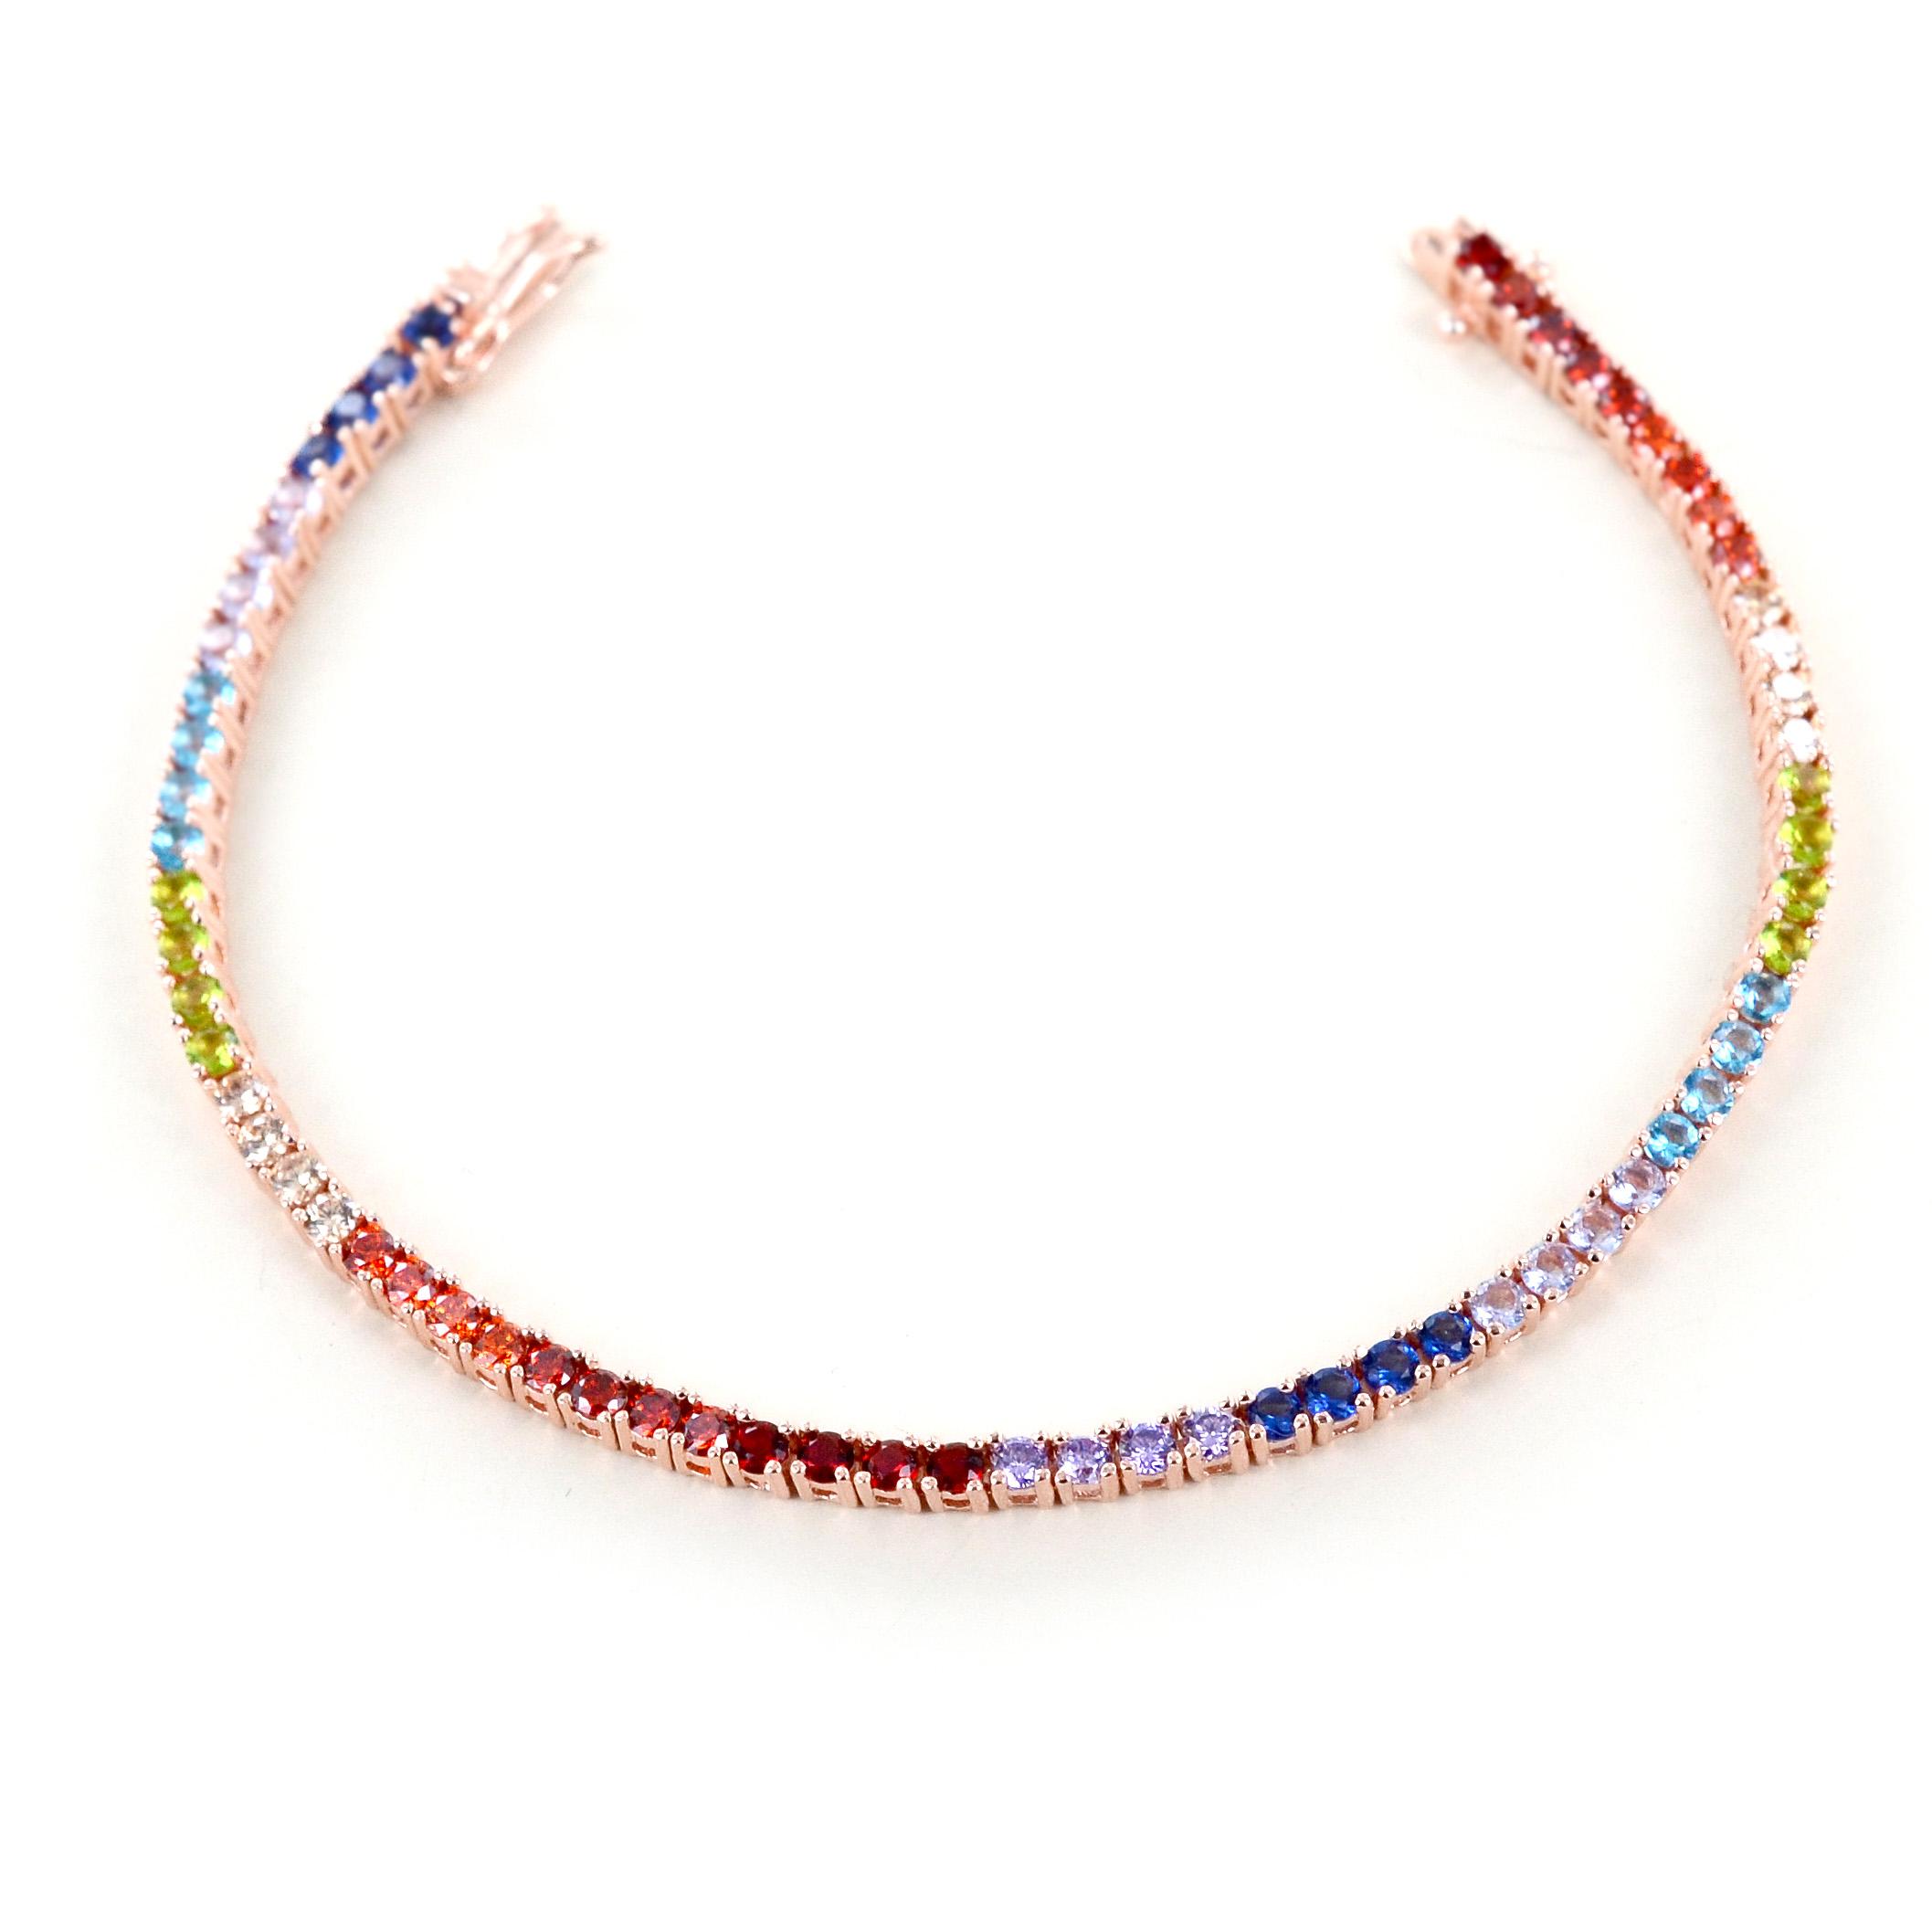 Bracciale tennis in argento e zirconi colorati - Tennis Rainbow small